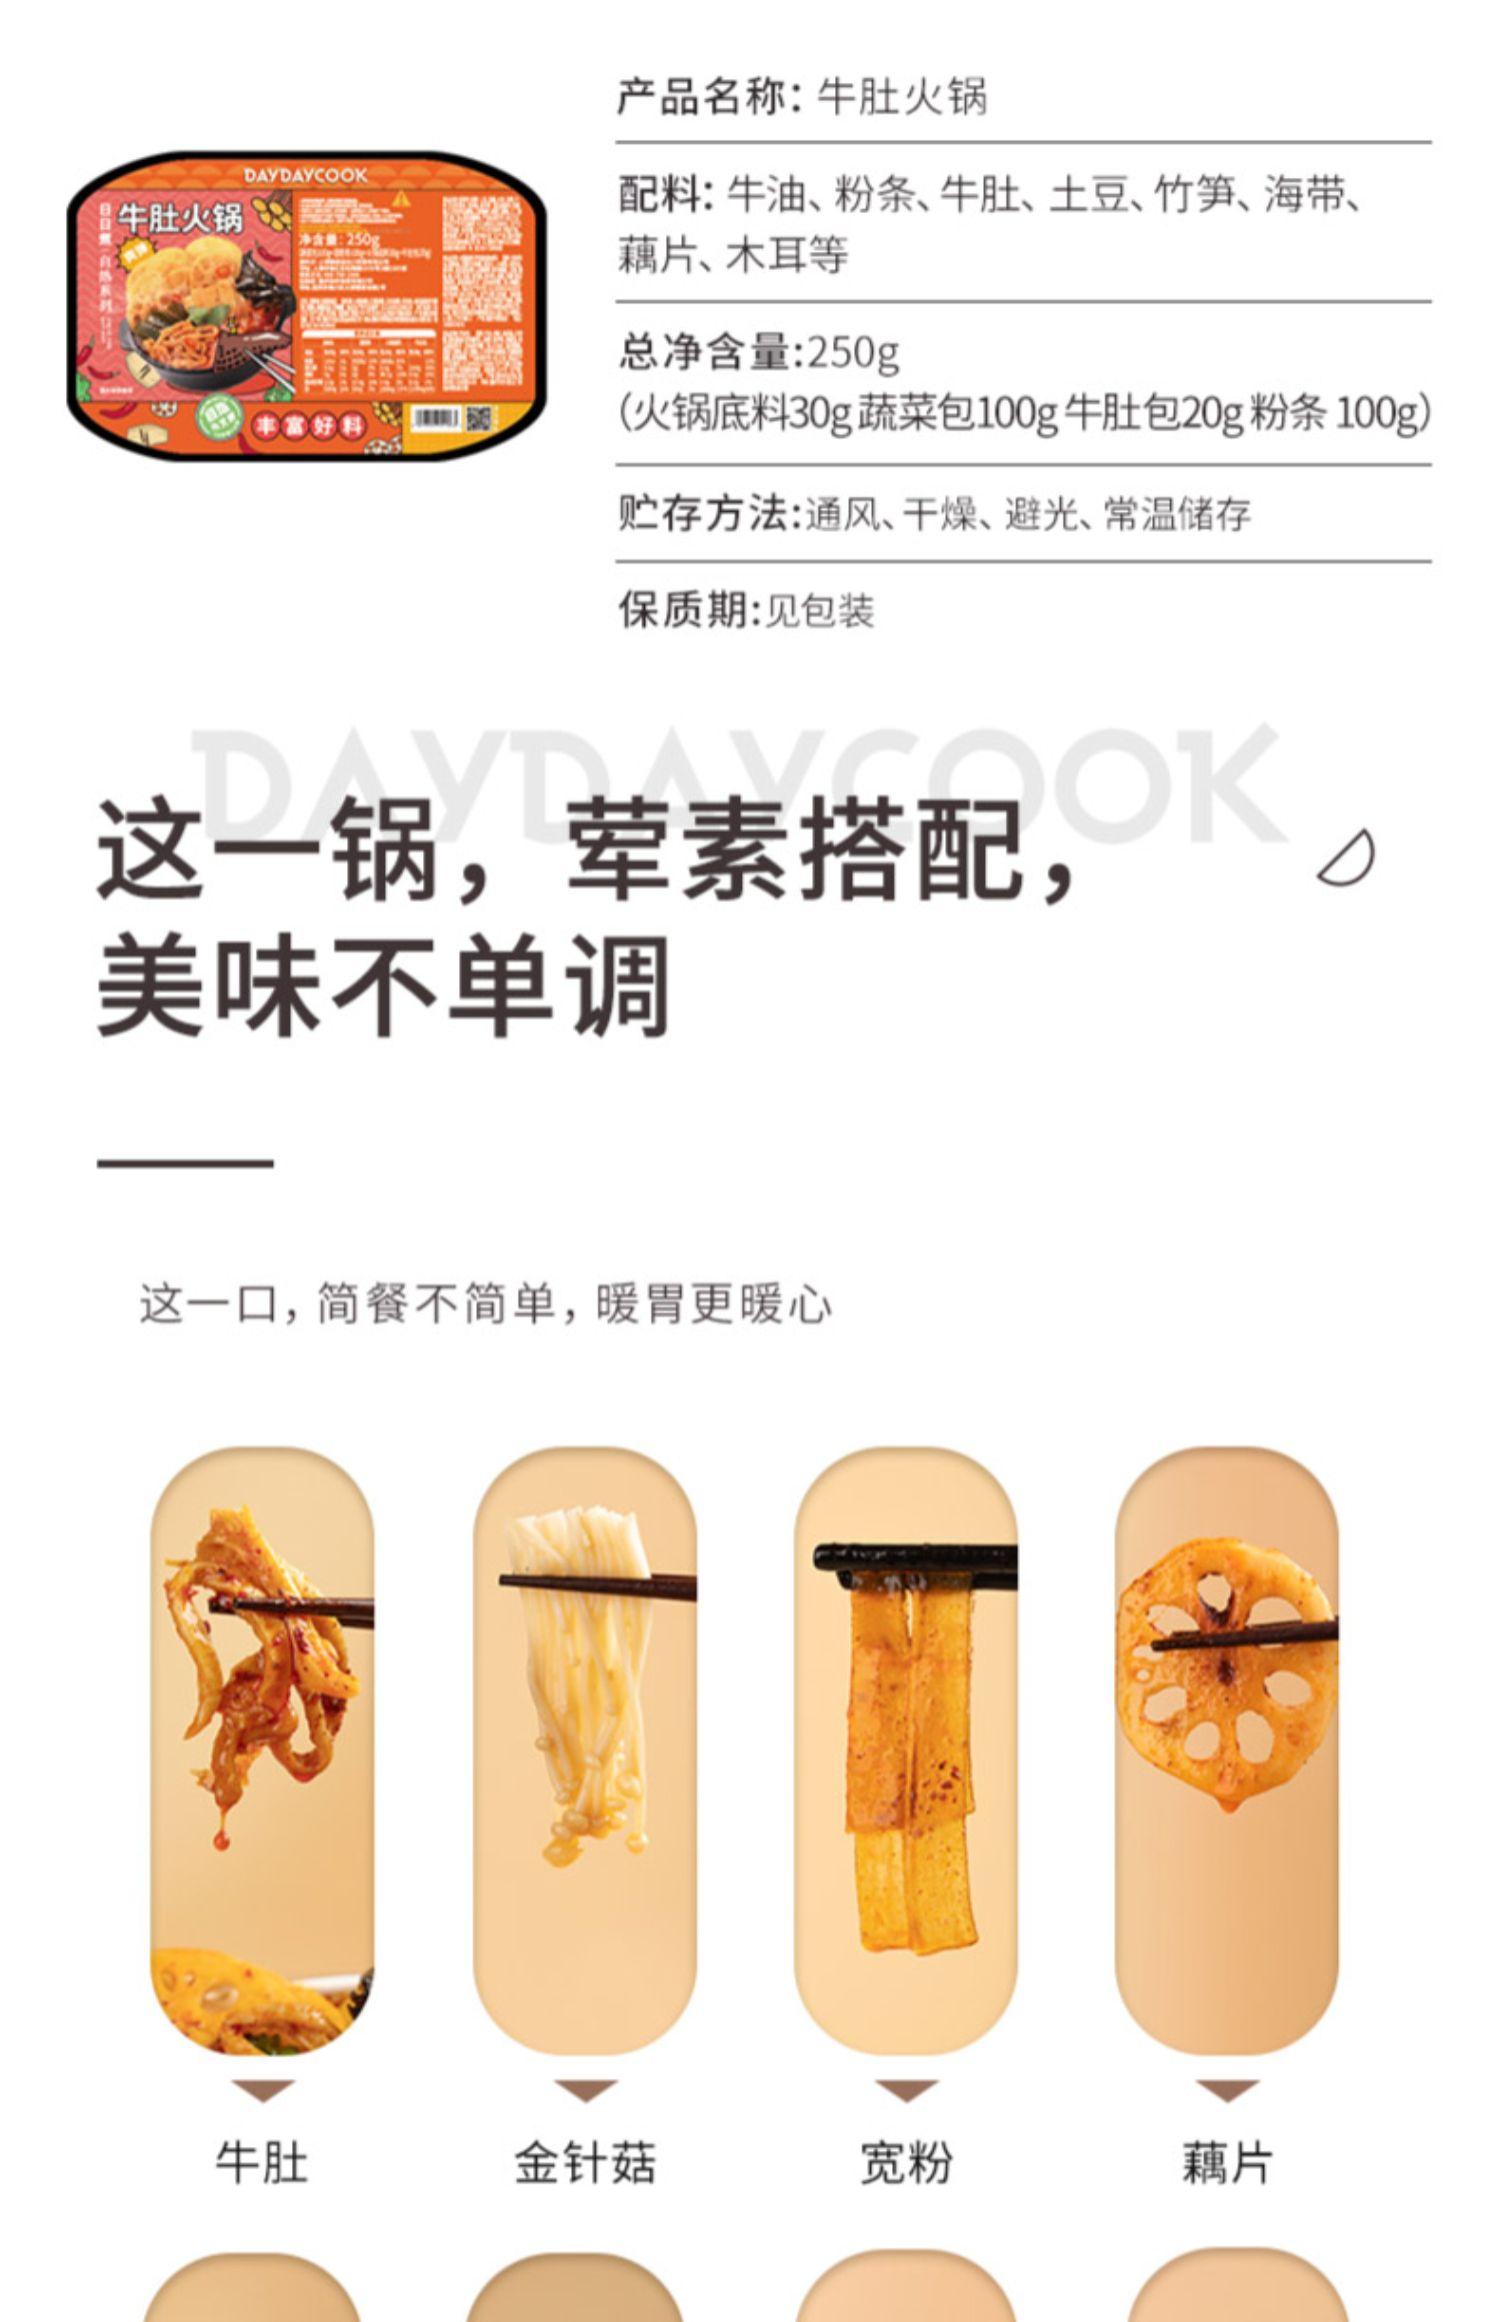 【日日煮】自热牛肉火锅250g*3盒8